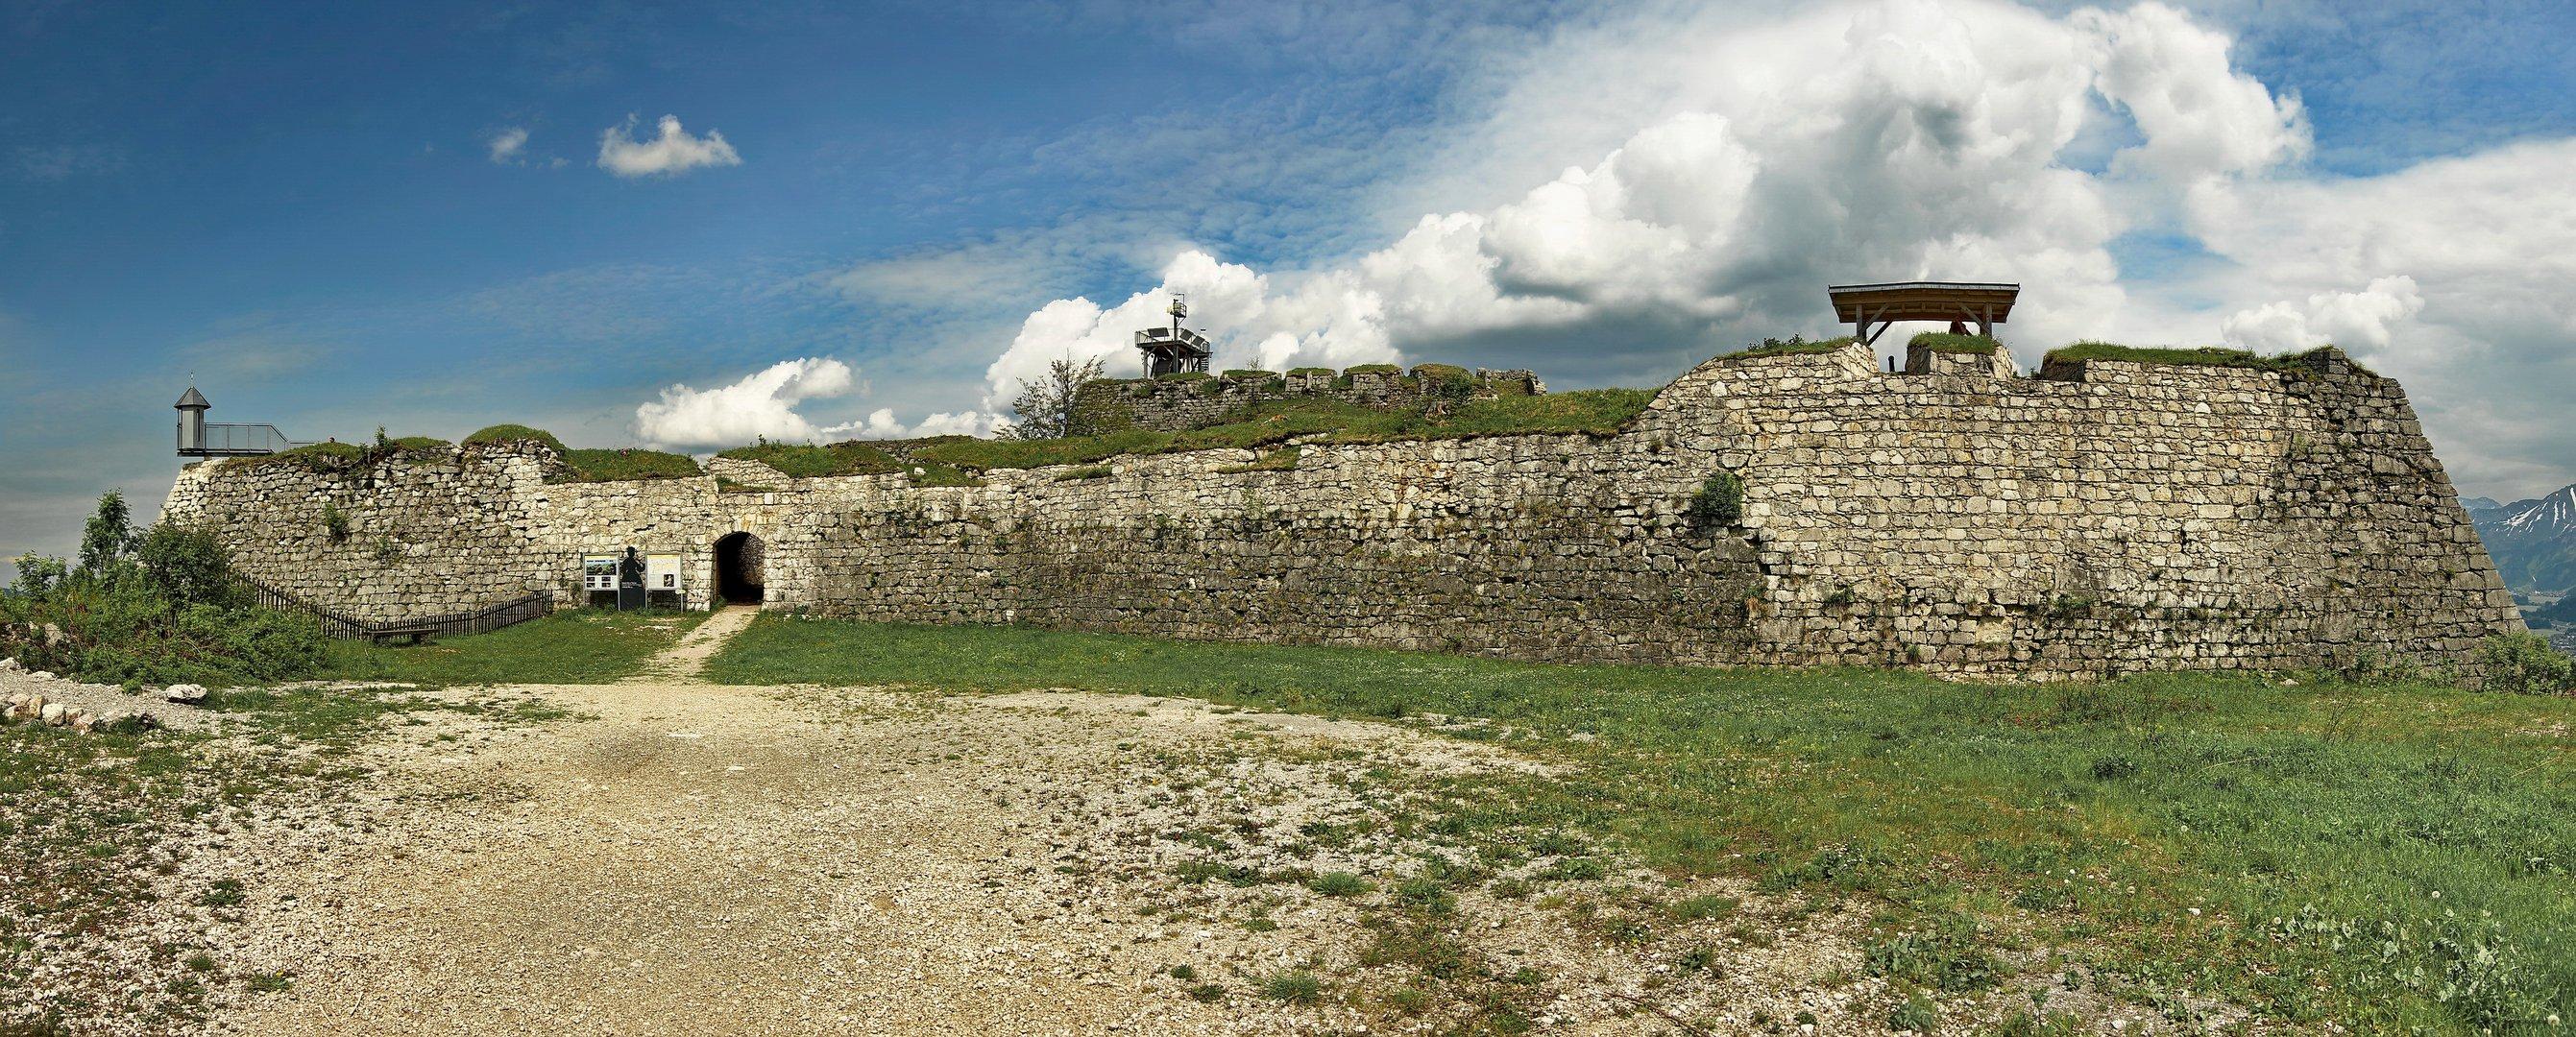 Festung Schloßkopf